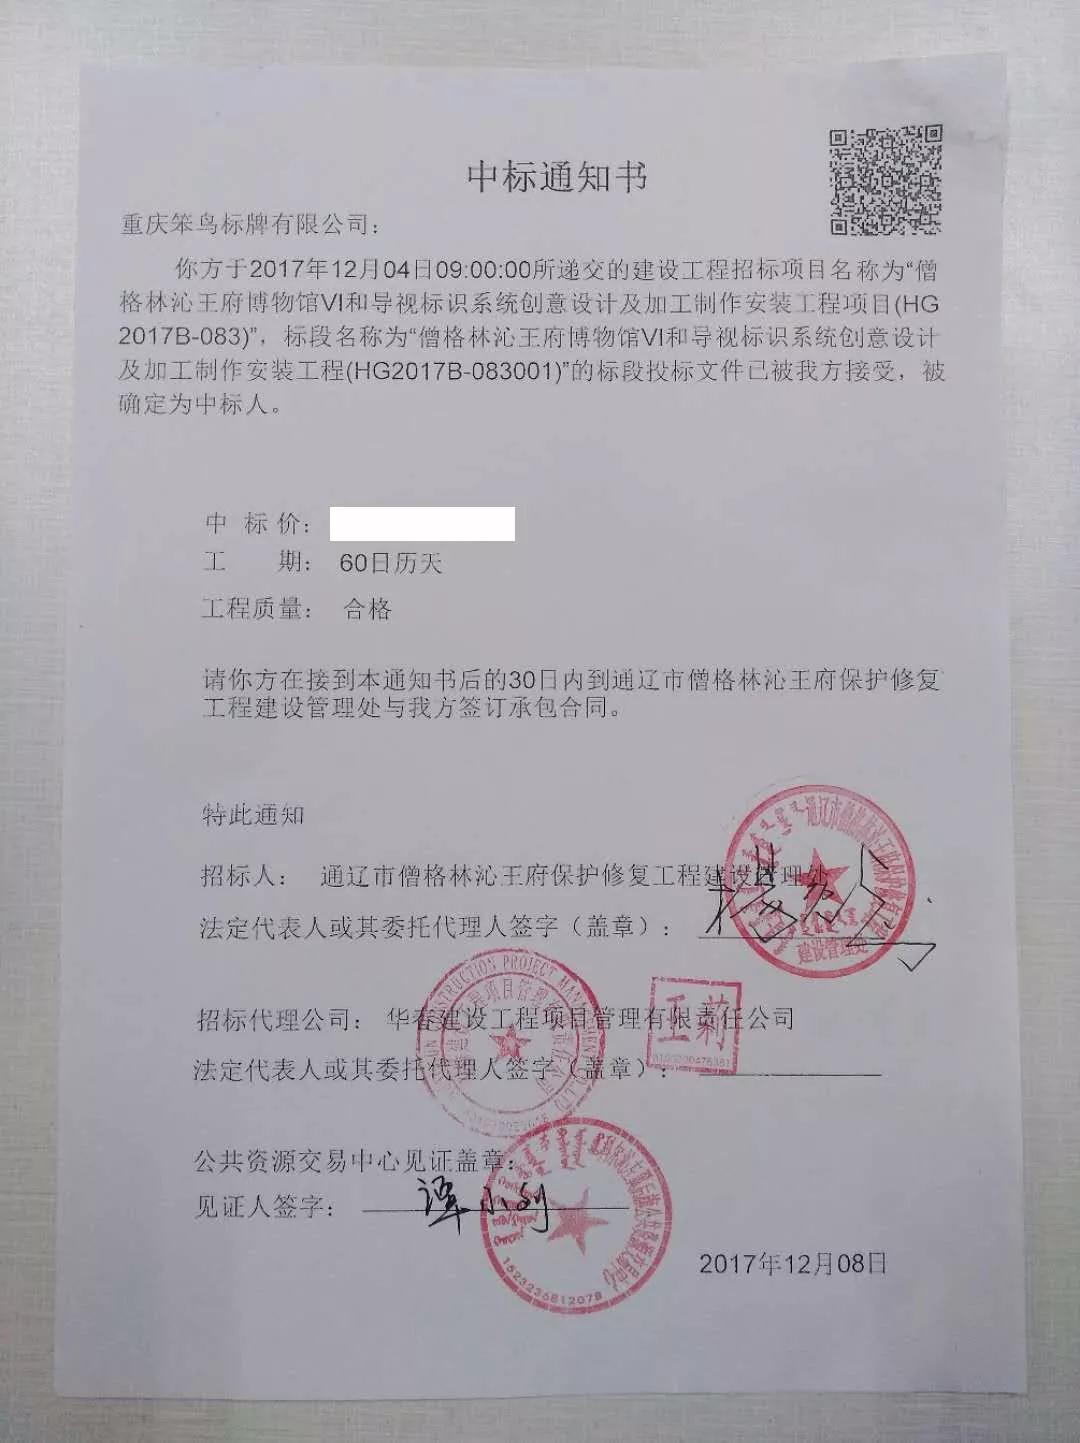 喜讯 | 僧格林沁王府博物馆项目笨鸟标识中标